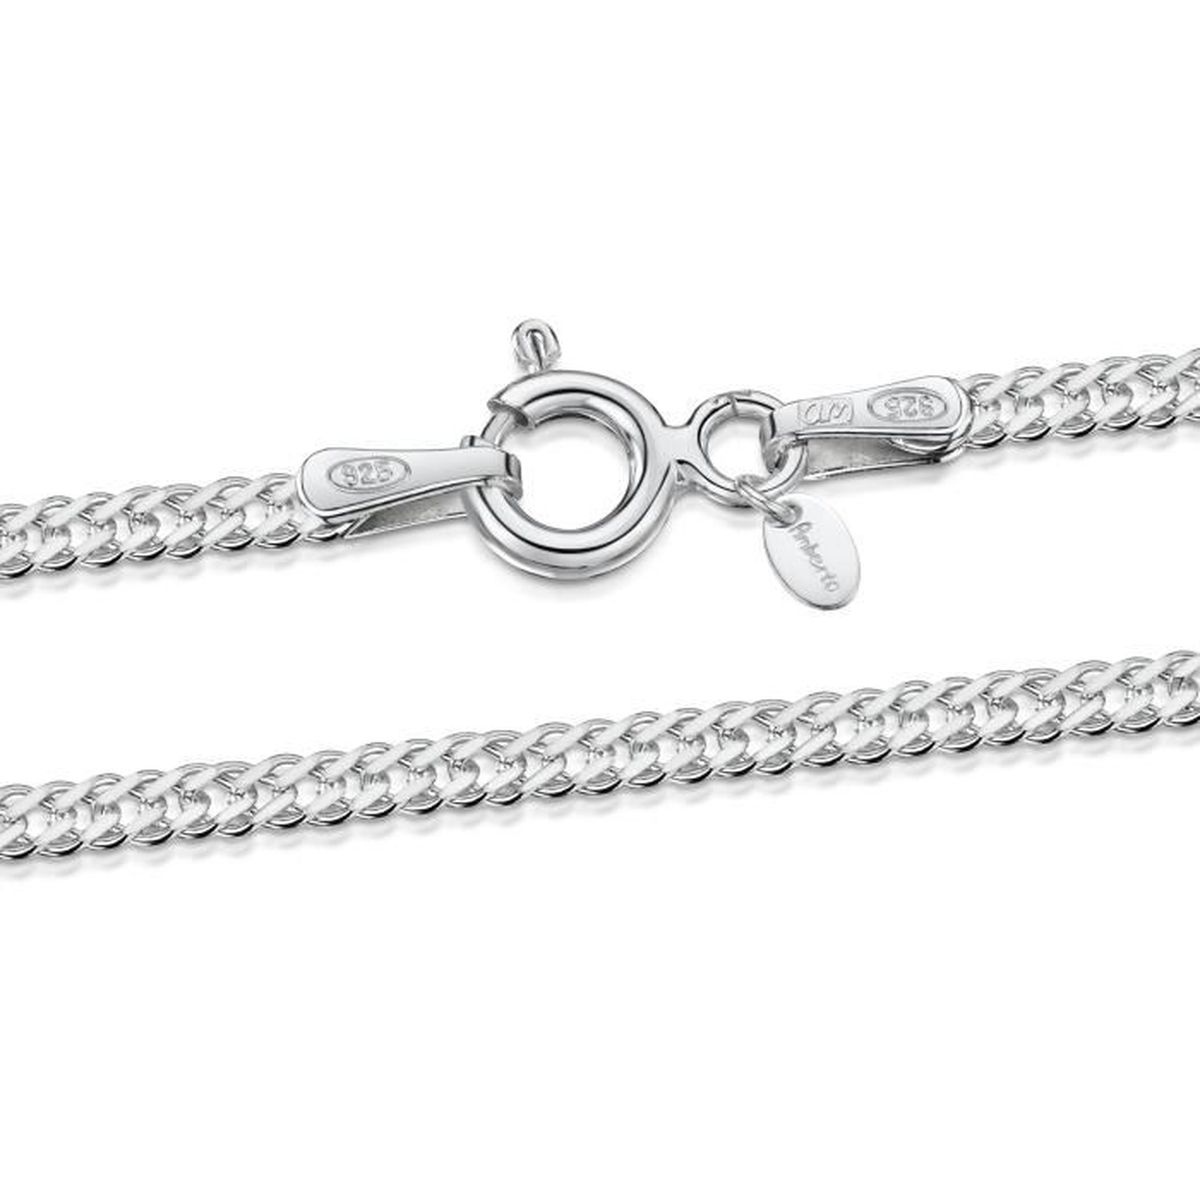 Collier chaine argent - Achat   Vente pas cher 711cfc641b5